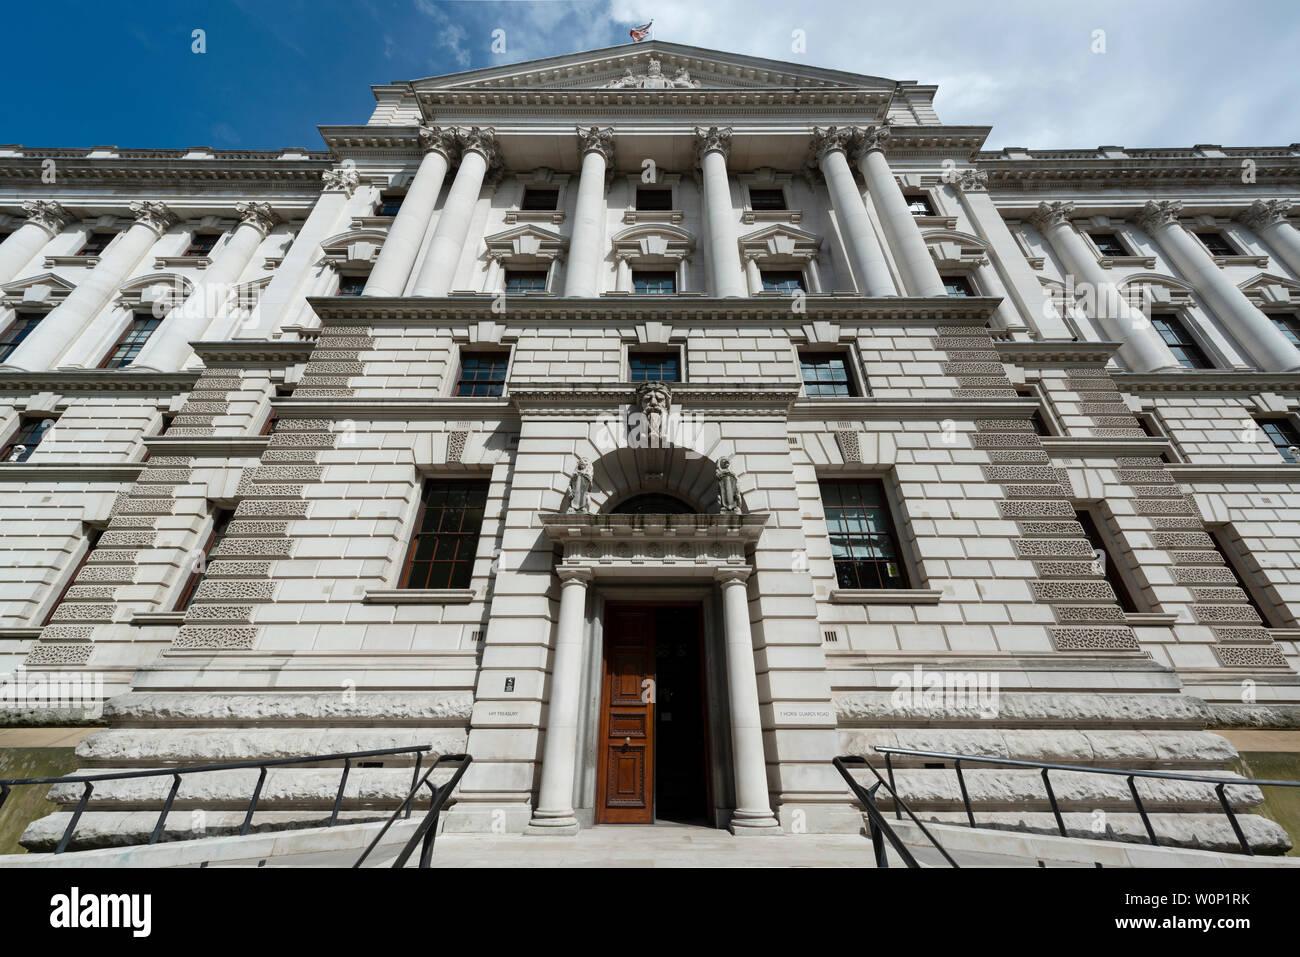 Die HM Treasury Gebäude auf Horse Guards Road in London, Großbritannien. Stockbild